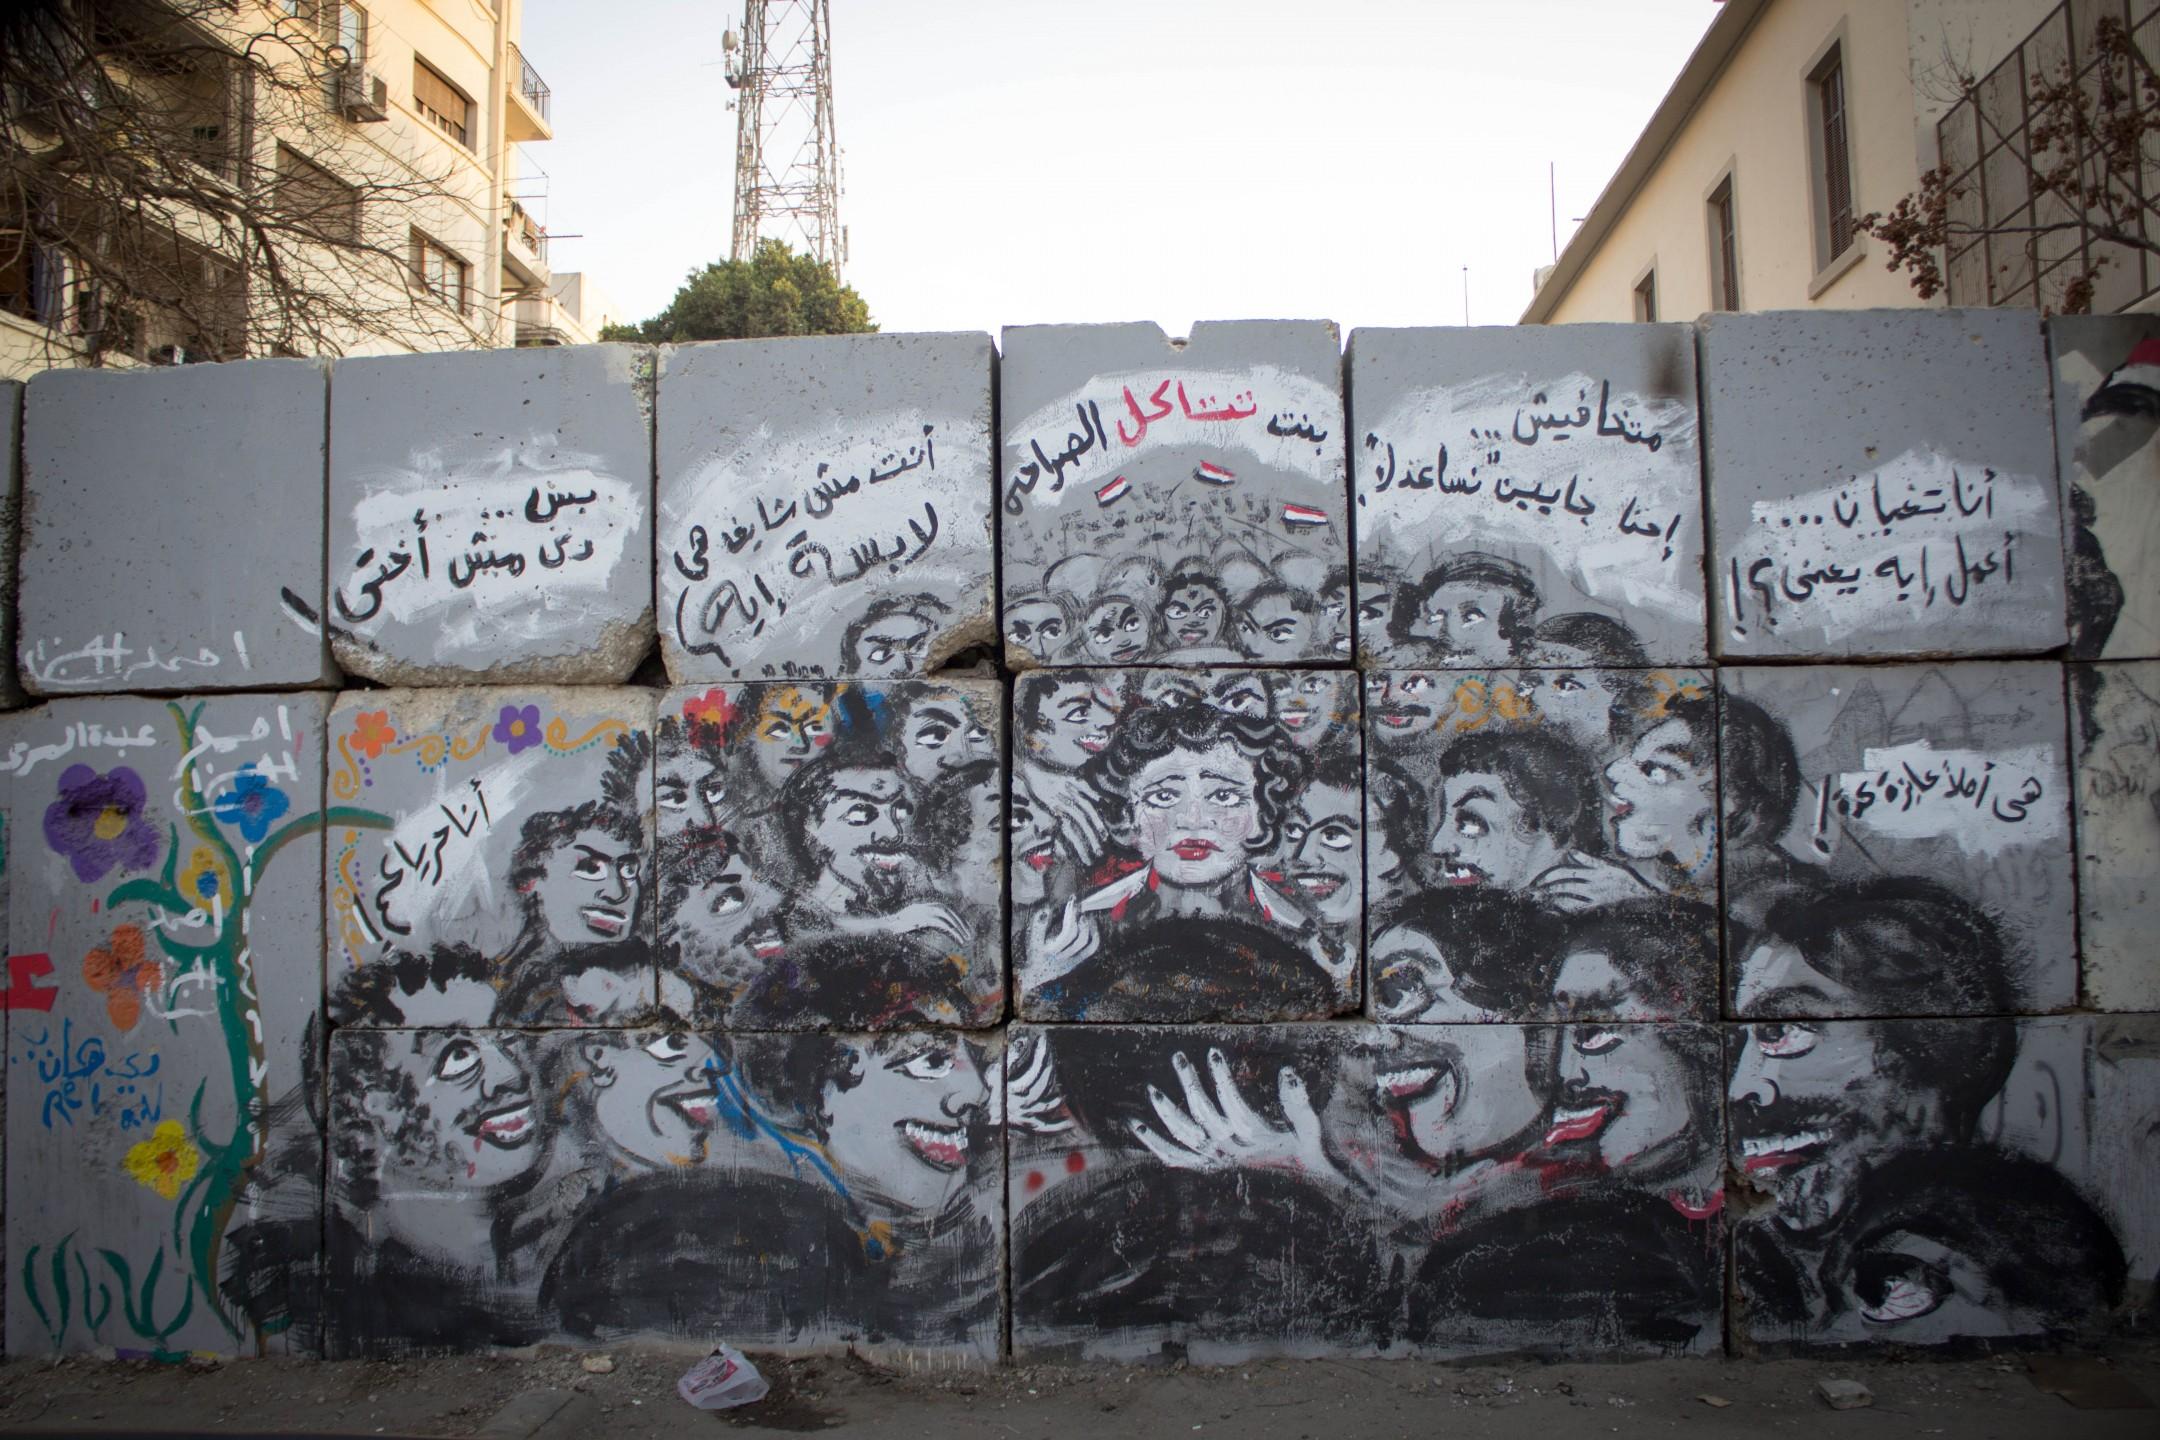 seksuele rechten vrouwen seks Egypte